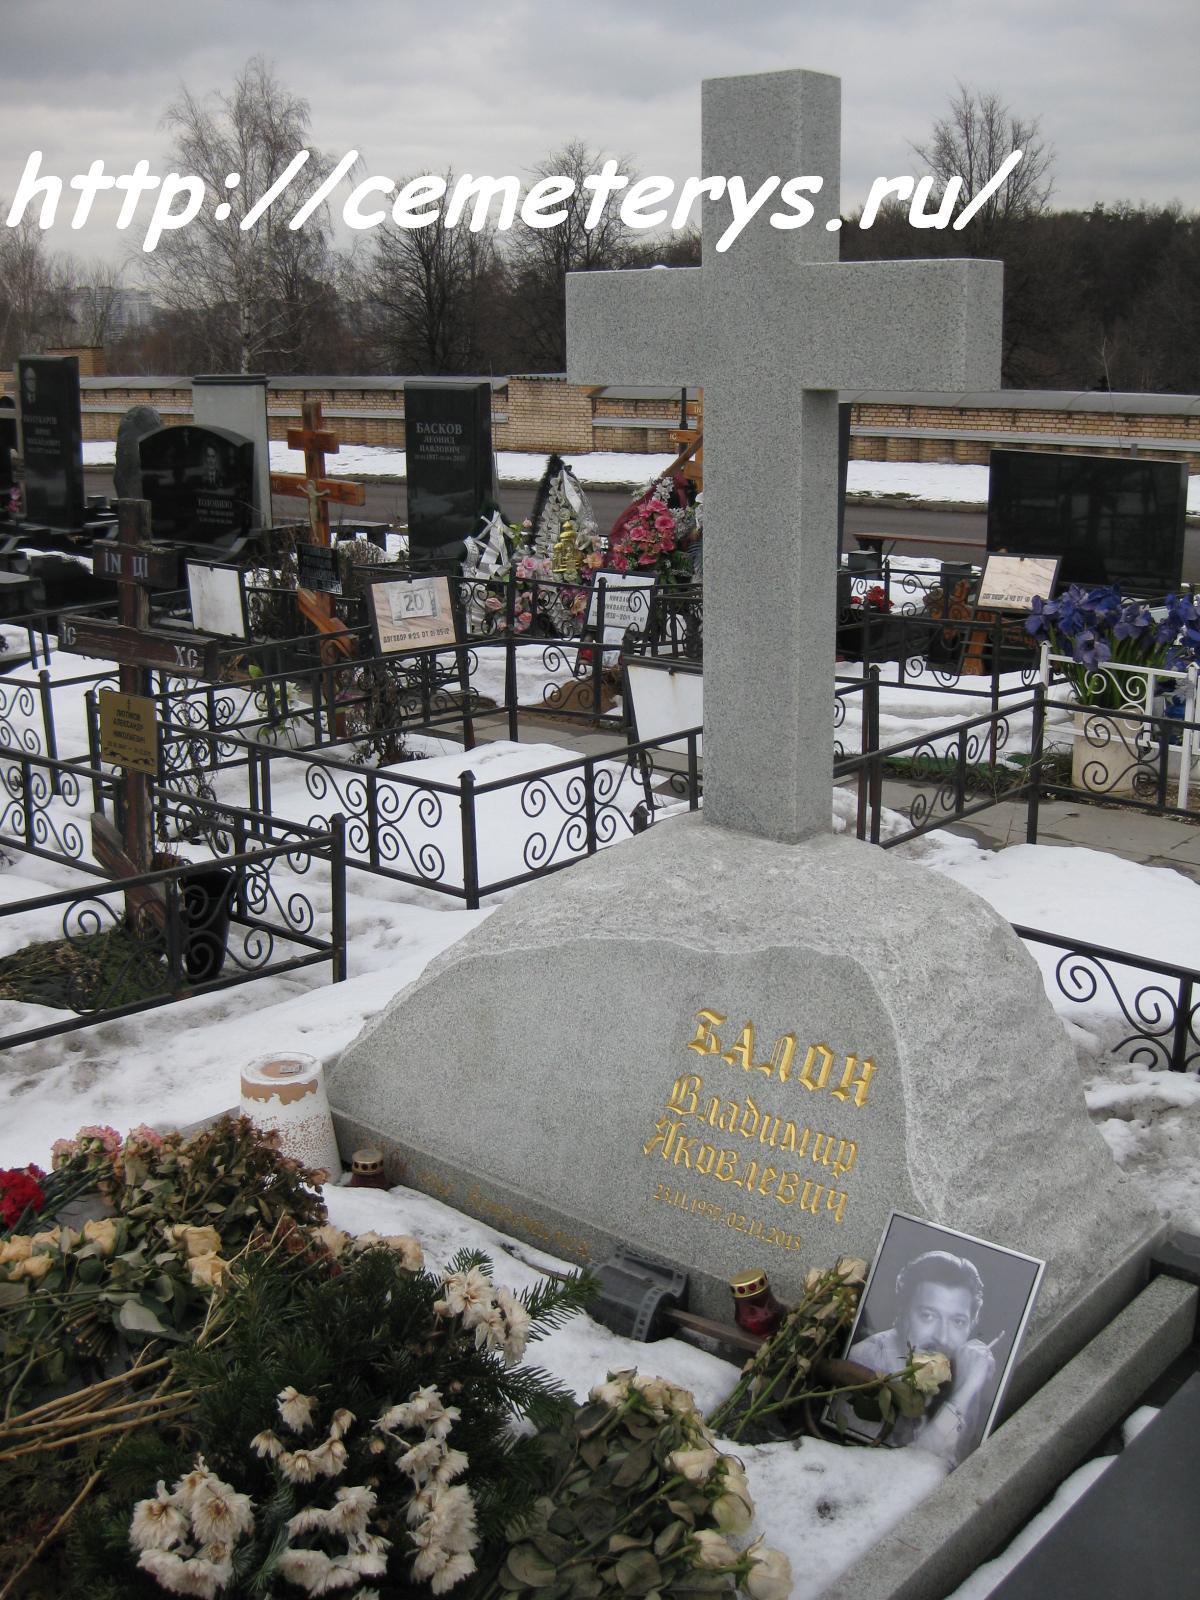 могила Владимира Балона на Троекуровском кладбище в Москве  (фото Дмитрия Кондратьева)